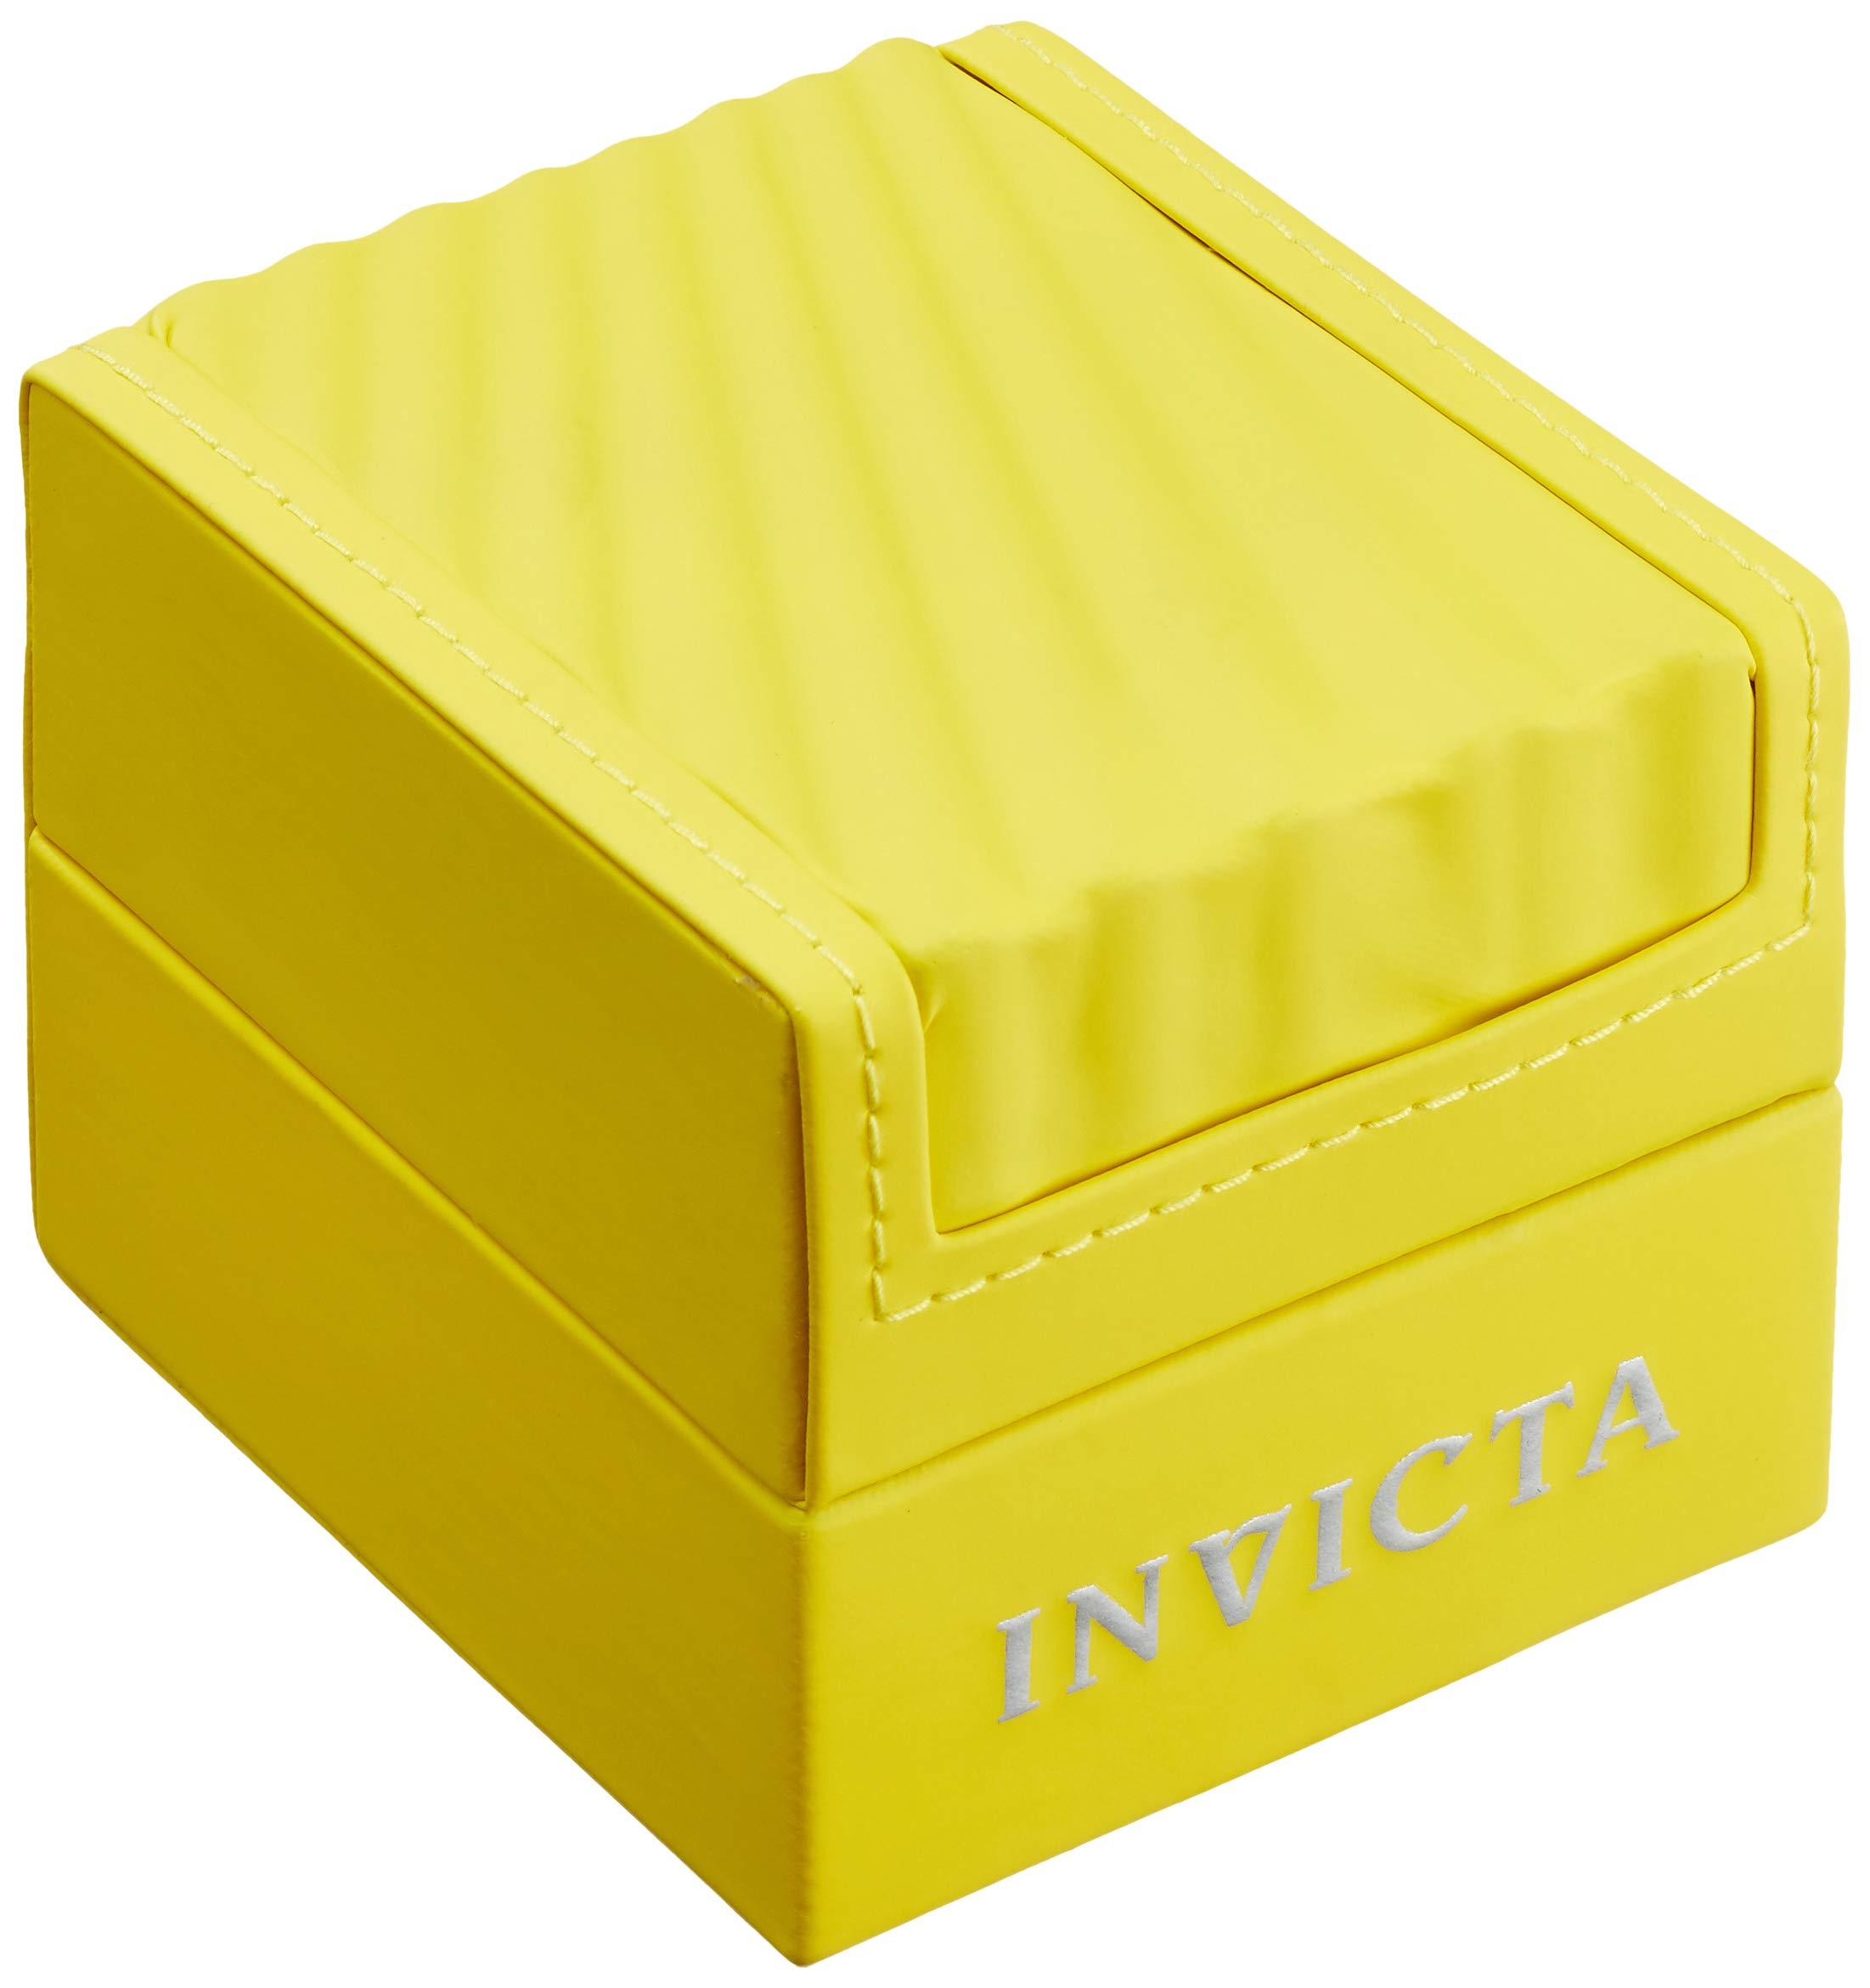 Invicta Men's 9204 Pro Diver Collection Silver-Tone Watch by Invicta (Image #4)